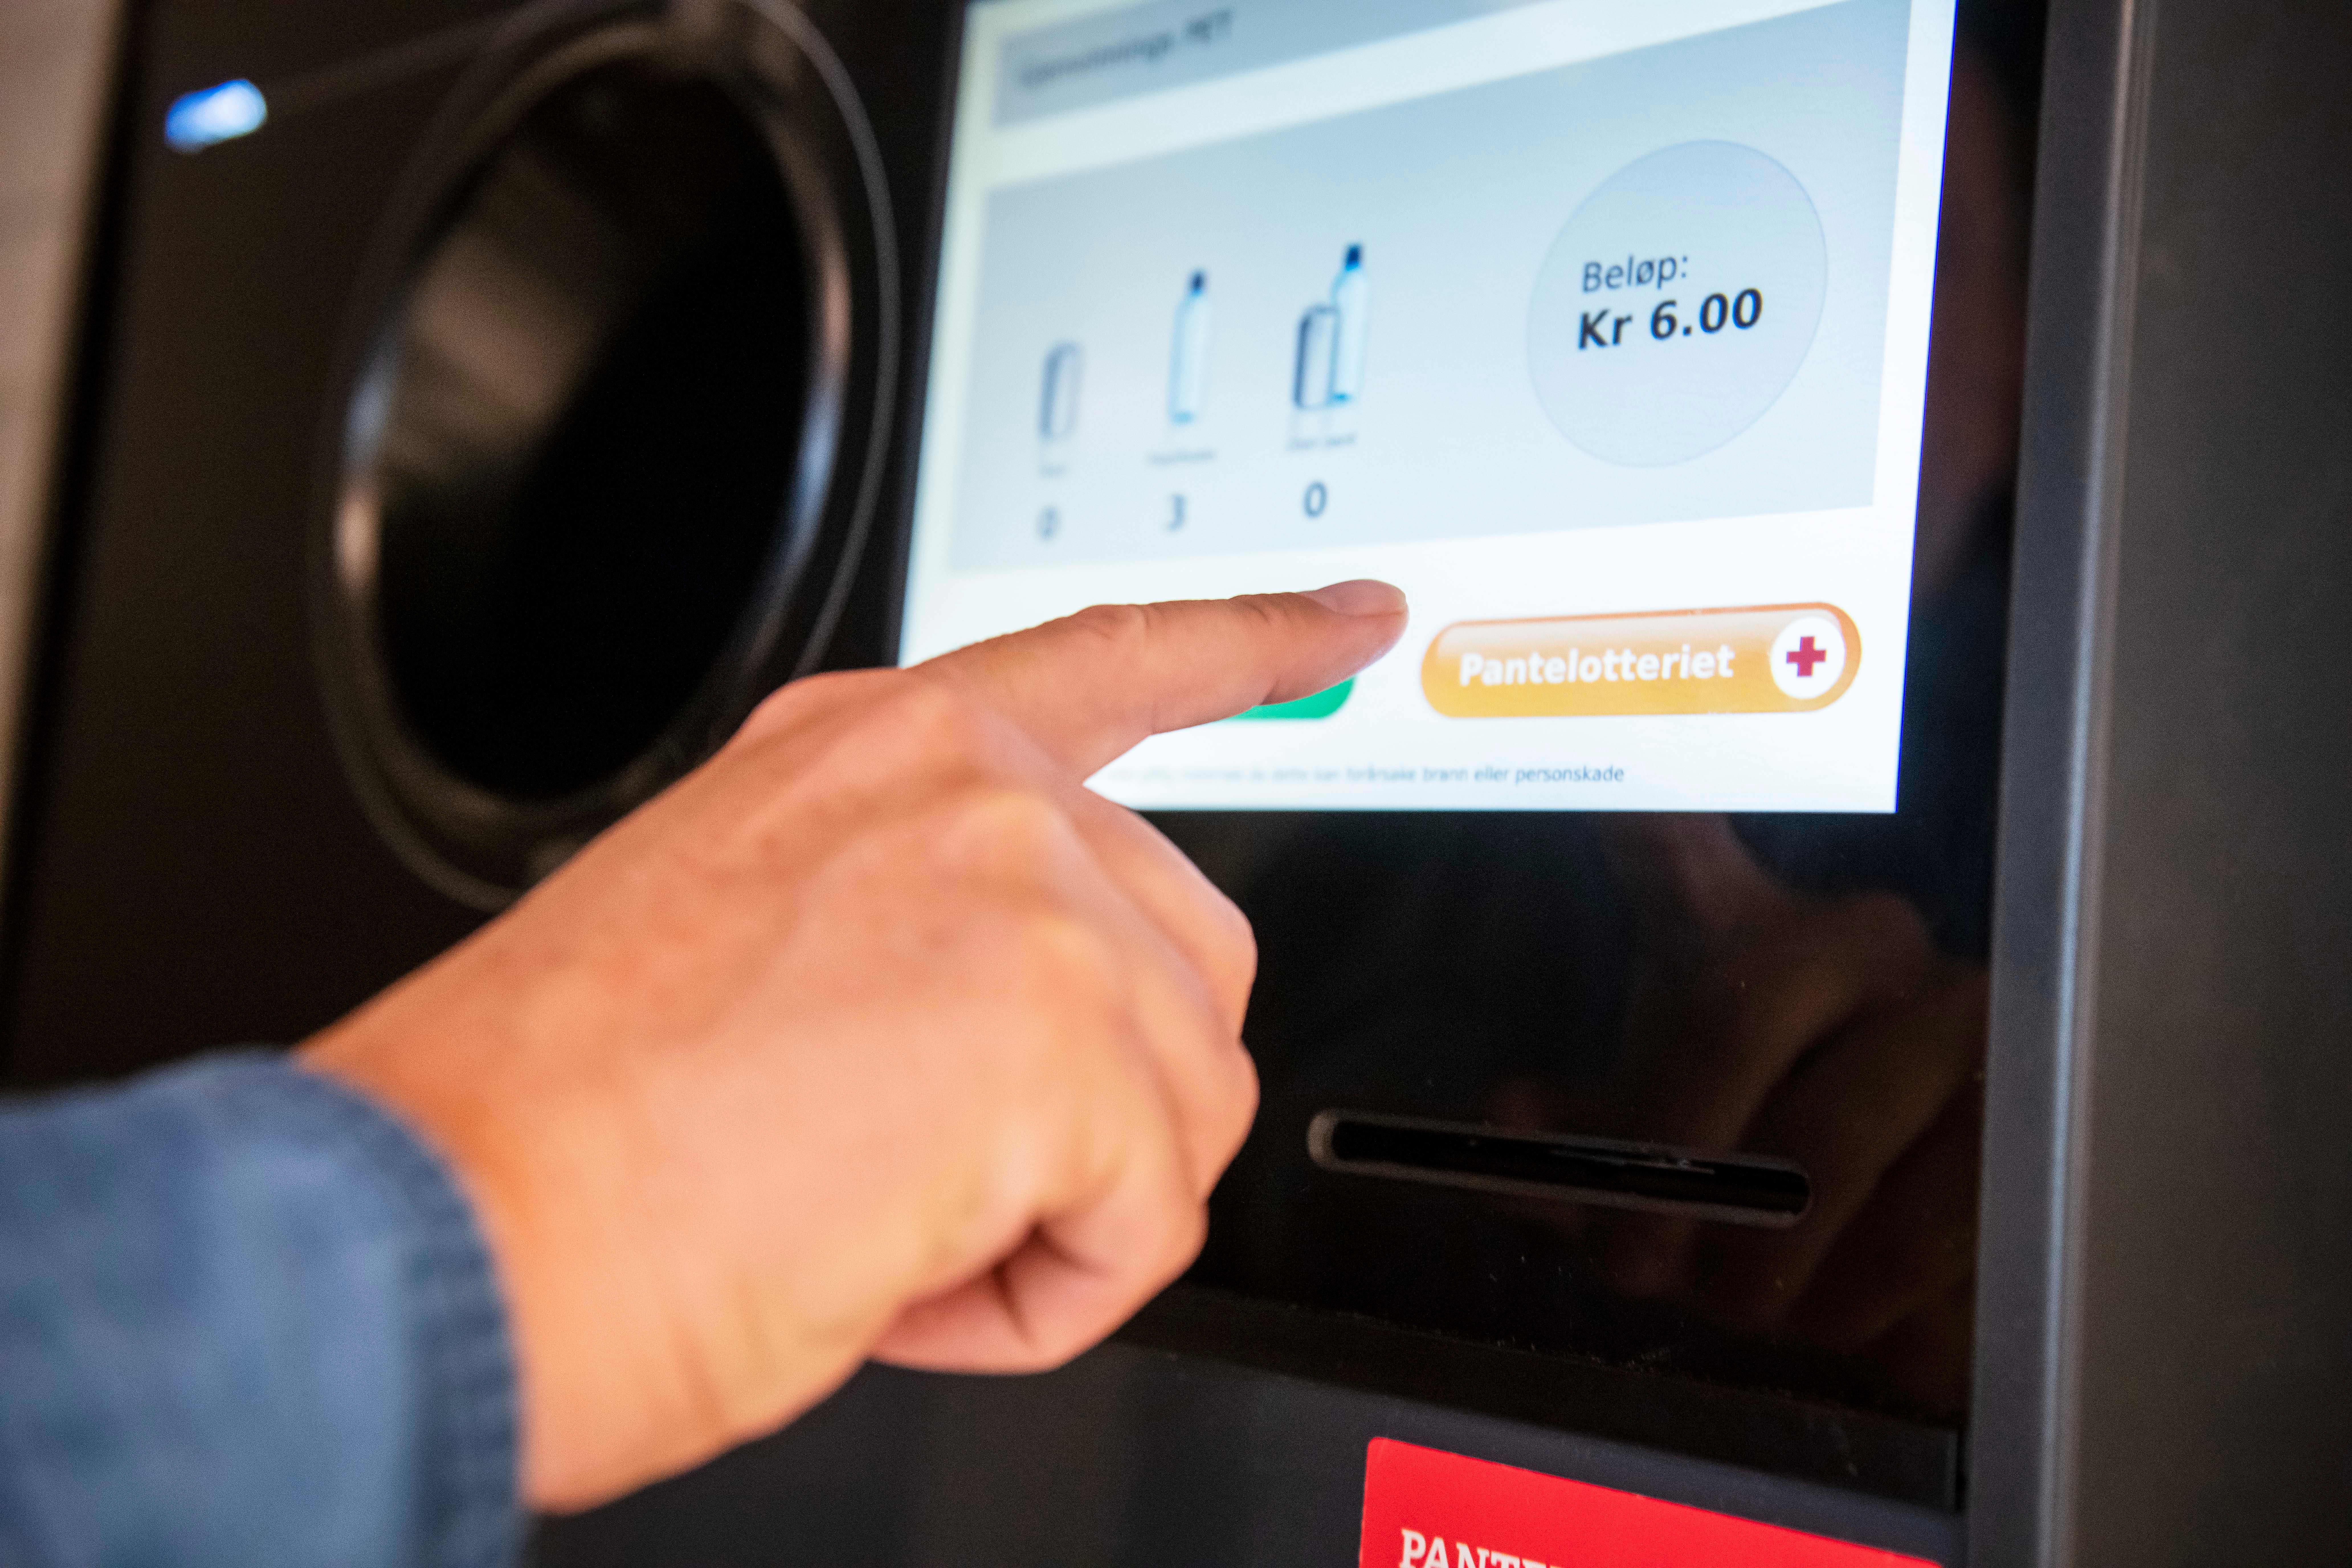 Pantelotteriet er et miljøvennlig lotteri hvor du bruker panten som innsats i lotteriet. Foto: Katrine Lunke/Pantelotteriet